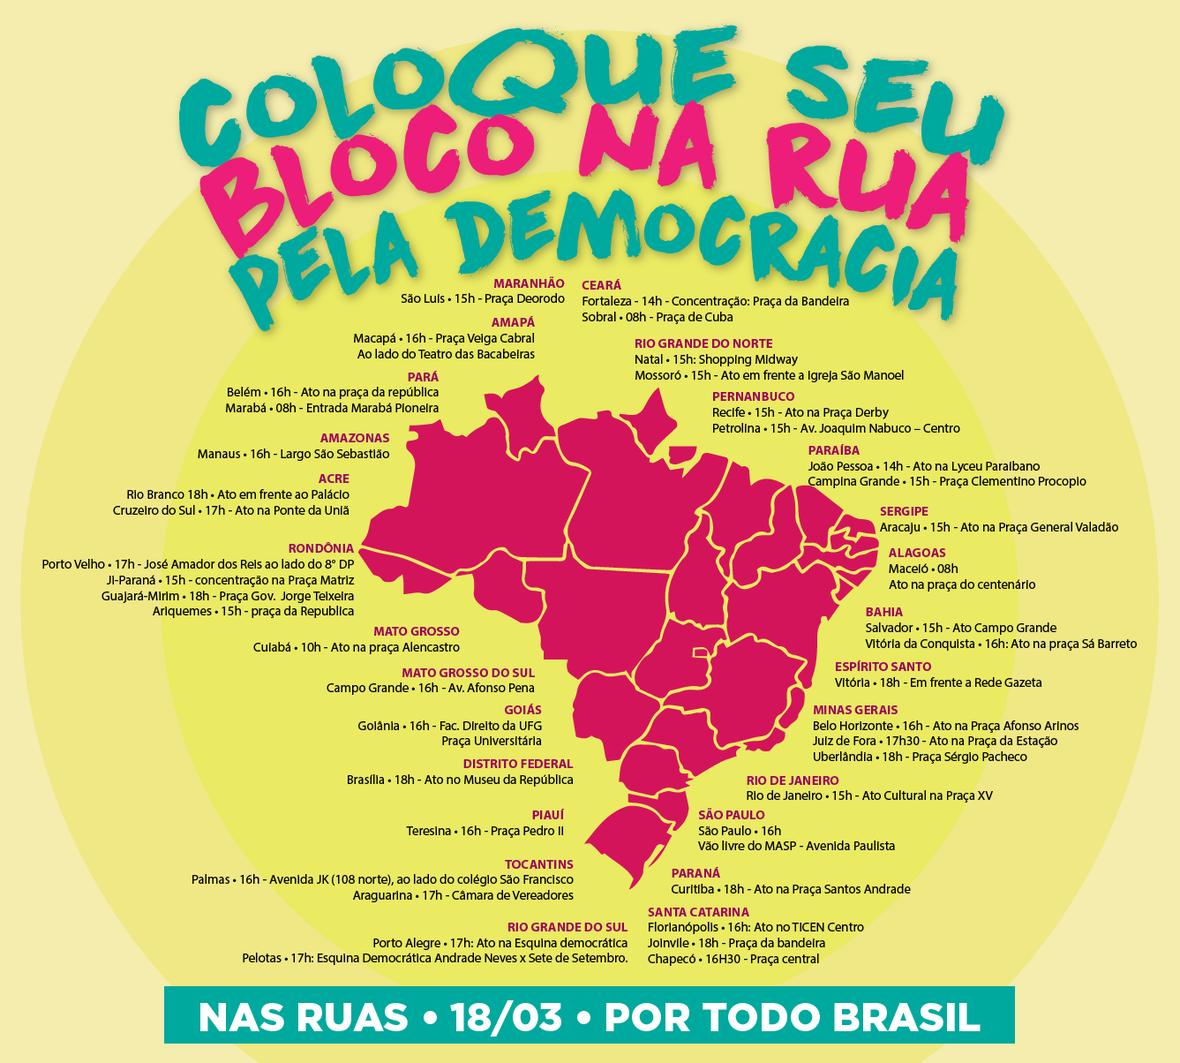 bloconarua-01